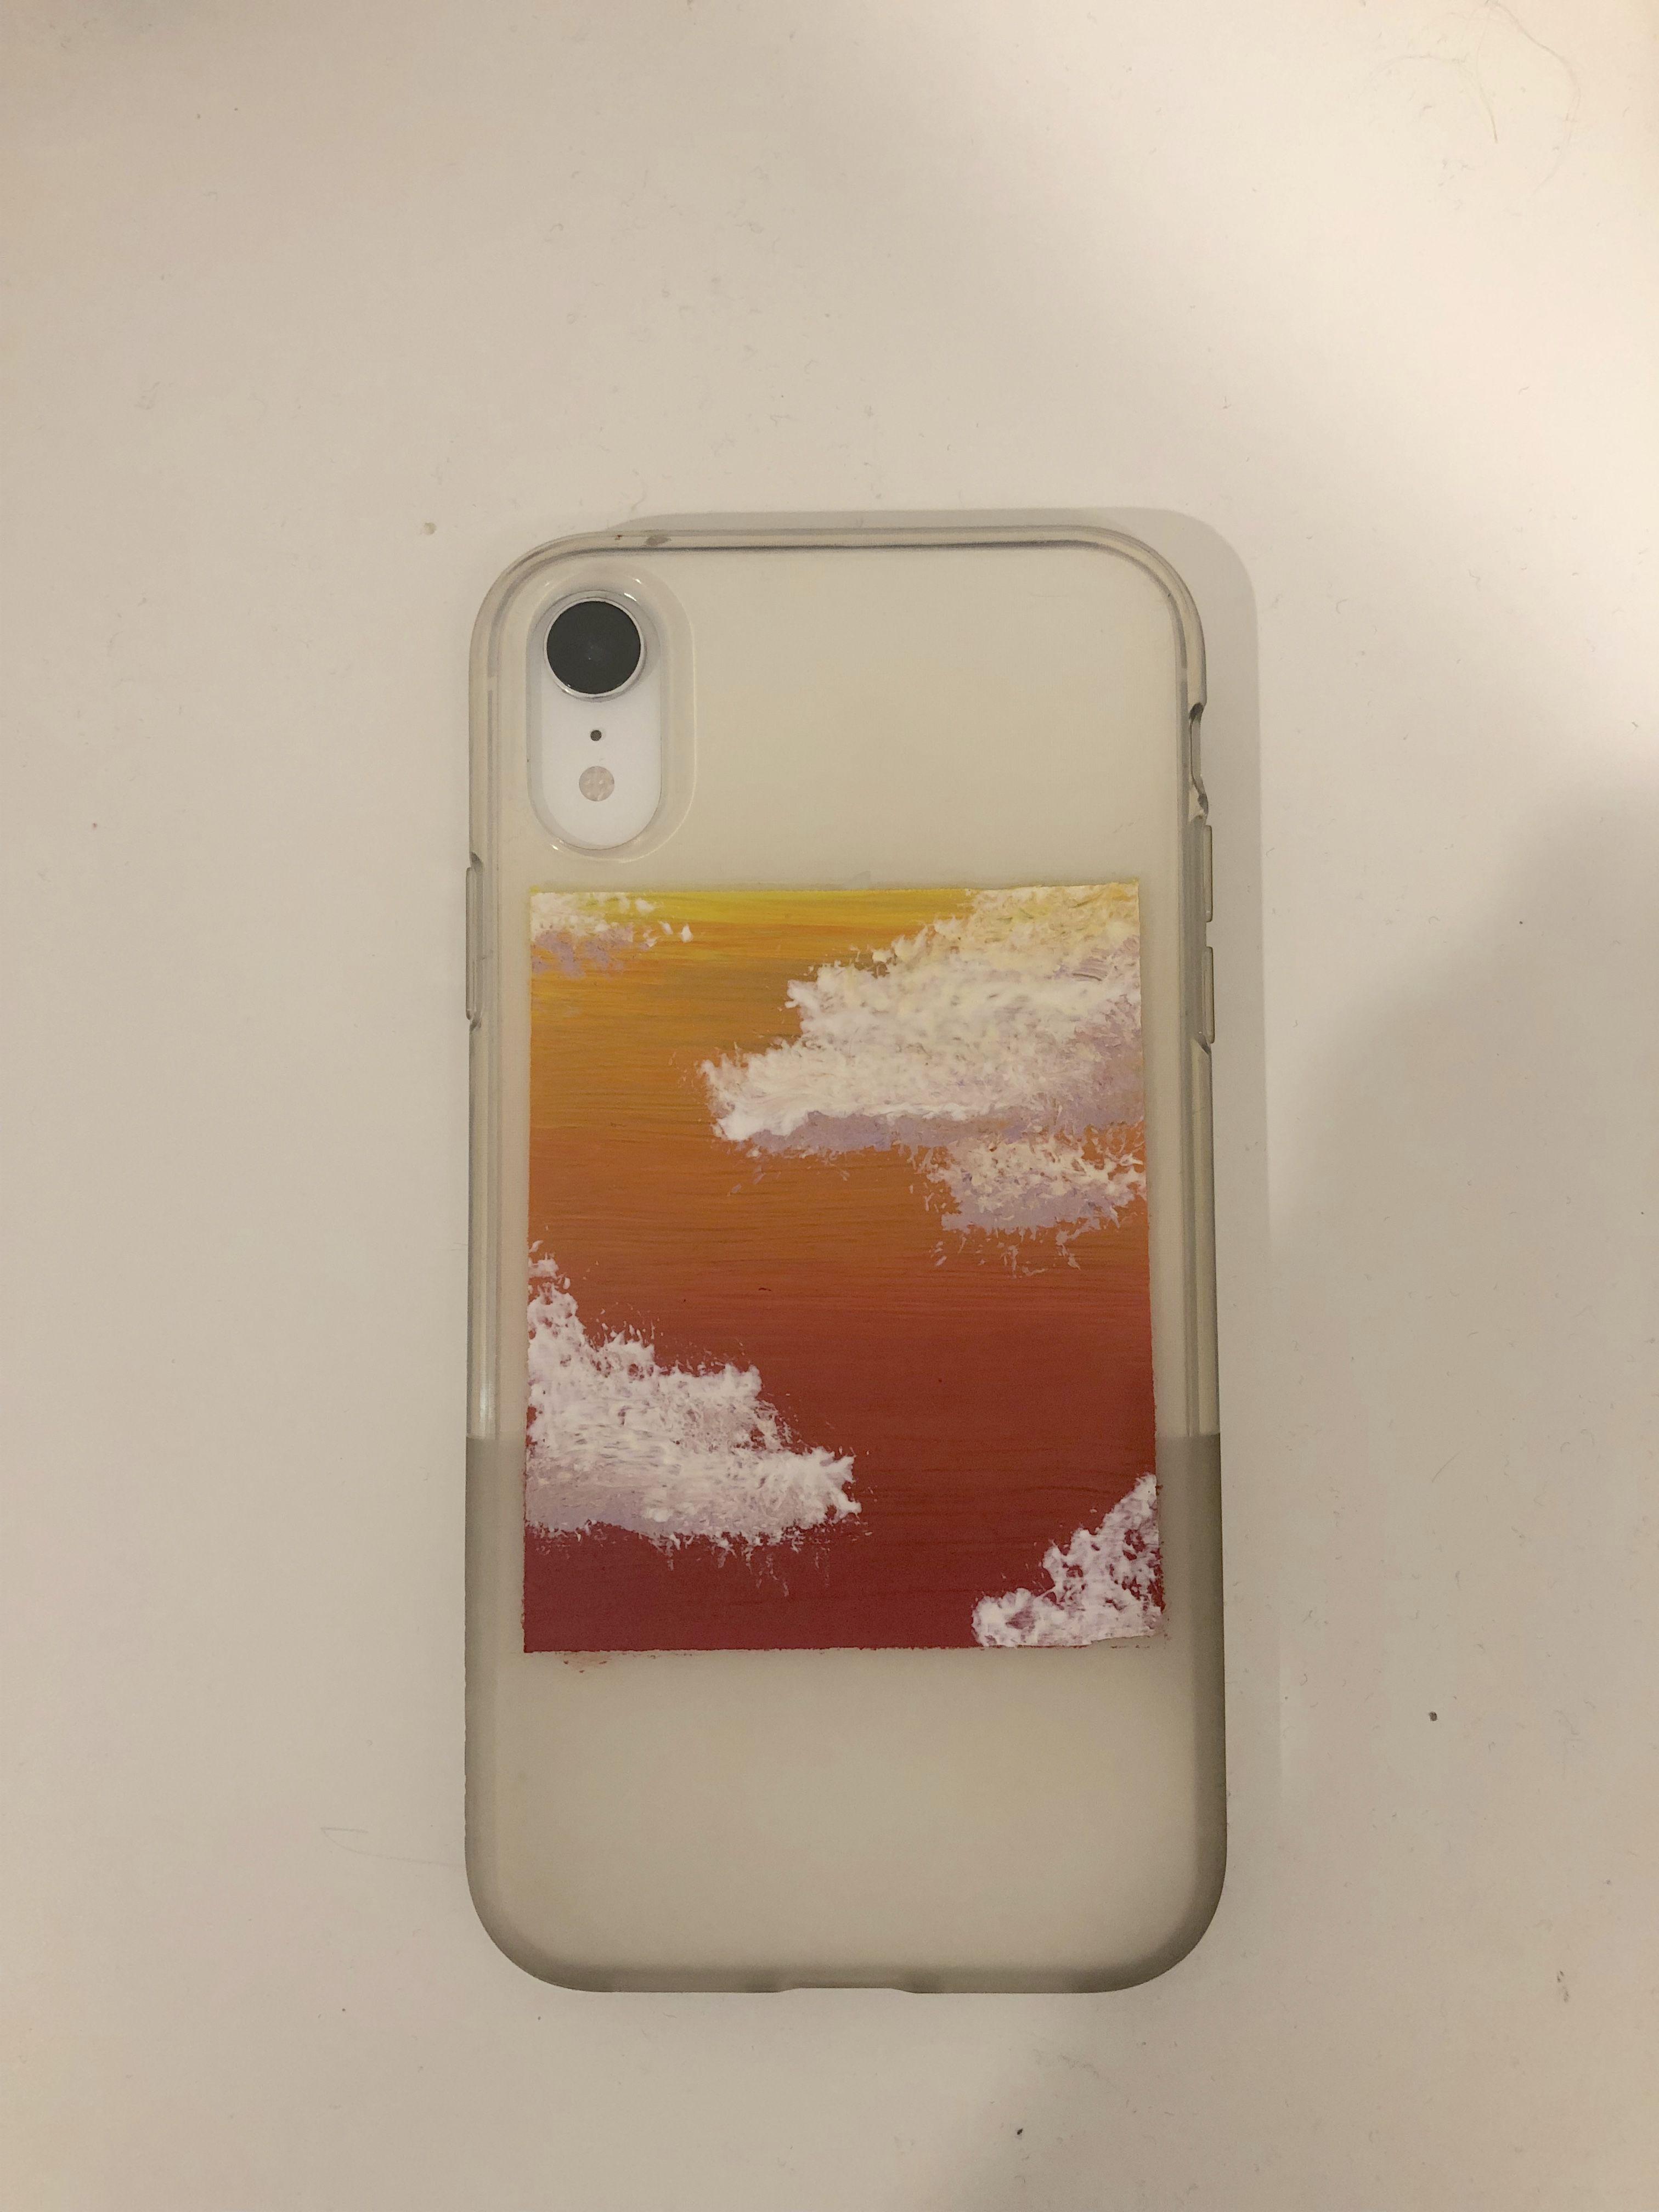 Diy Painted Phone Case In 2020 Phone Case Diy Paint Diy Phone